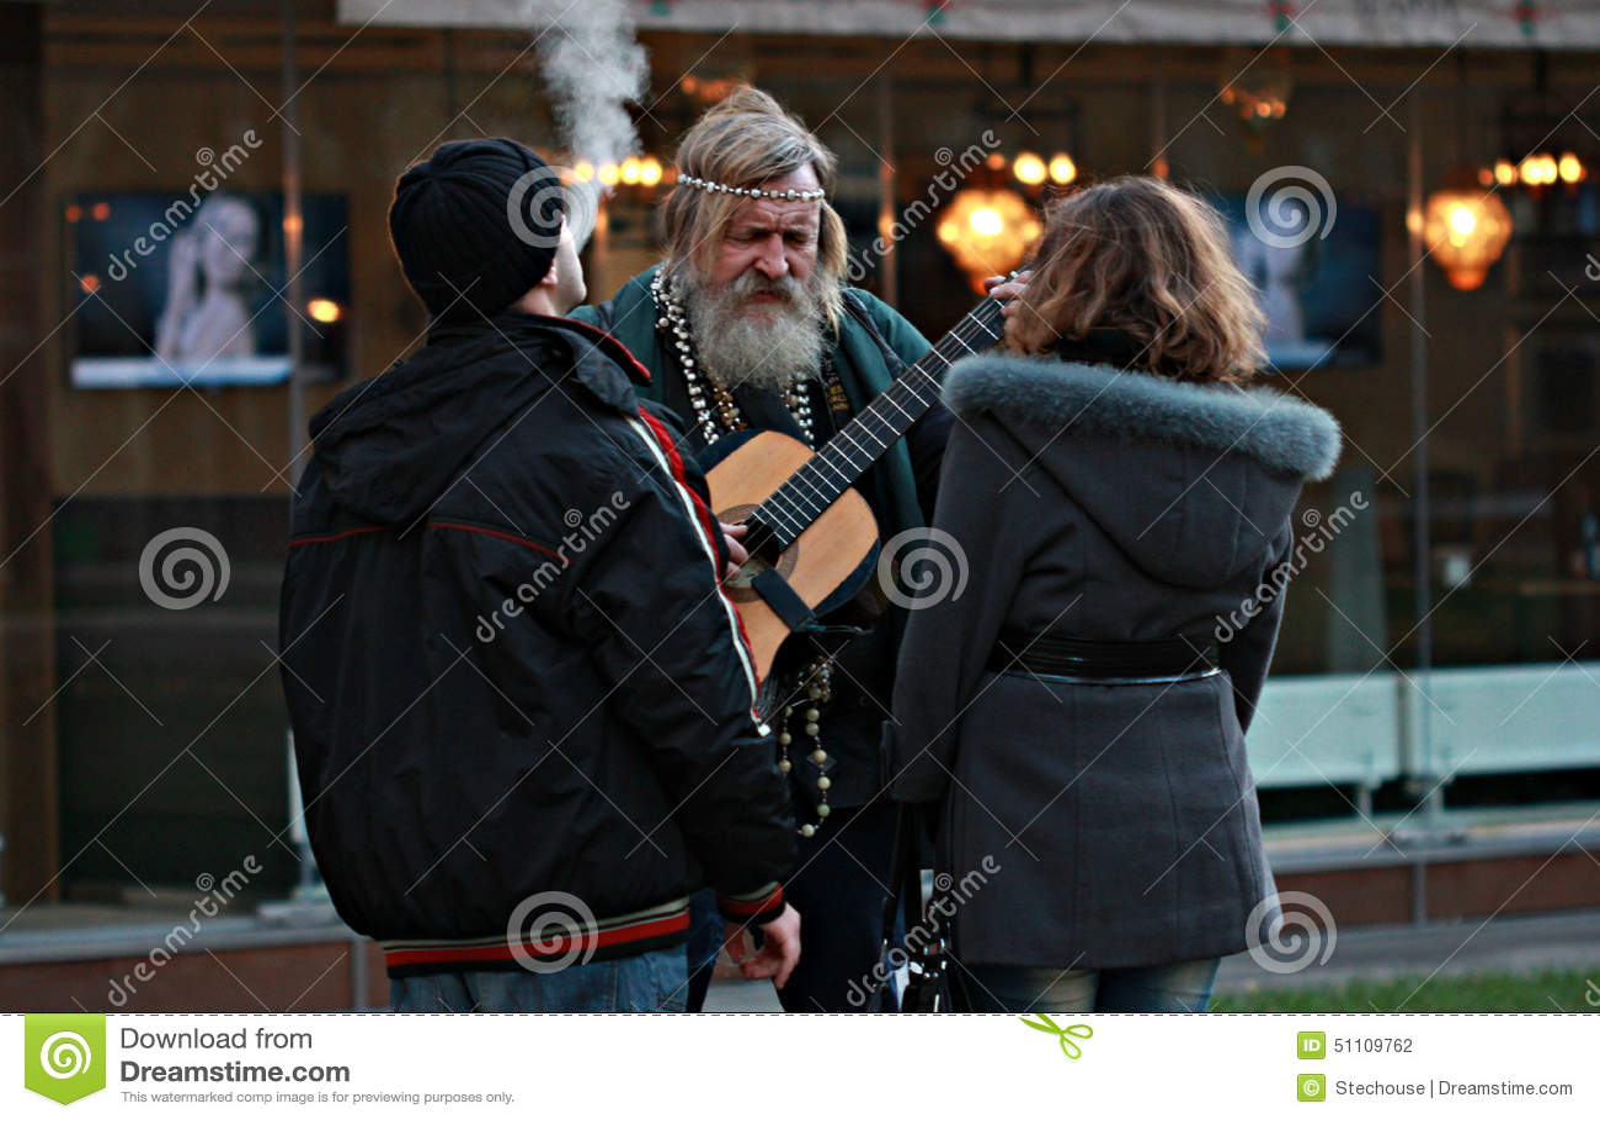 Hippy Man Plays Guitar in Odessa, Ukraine